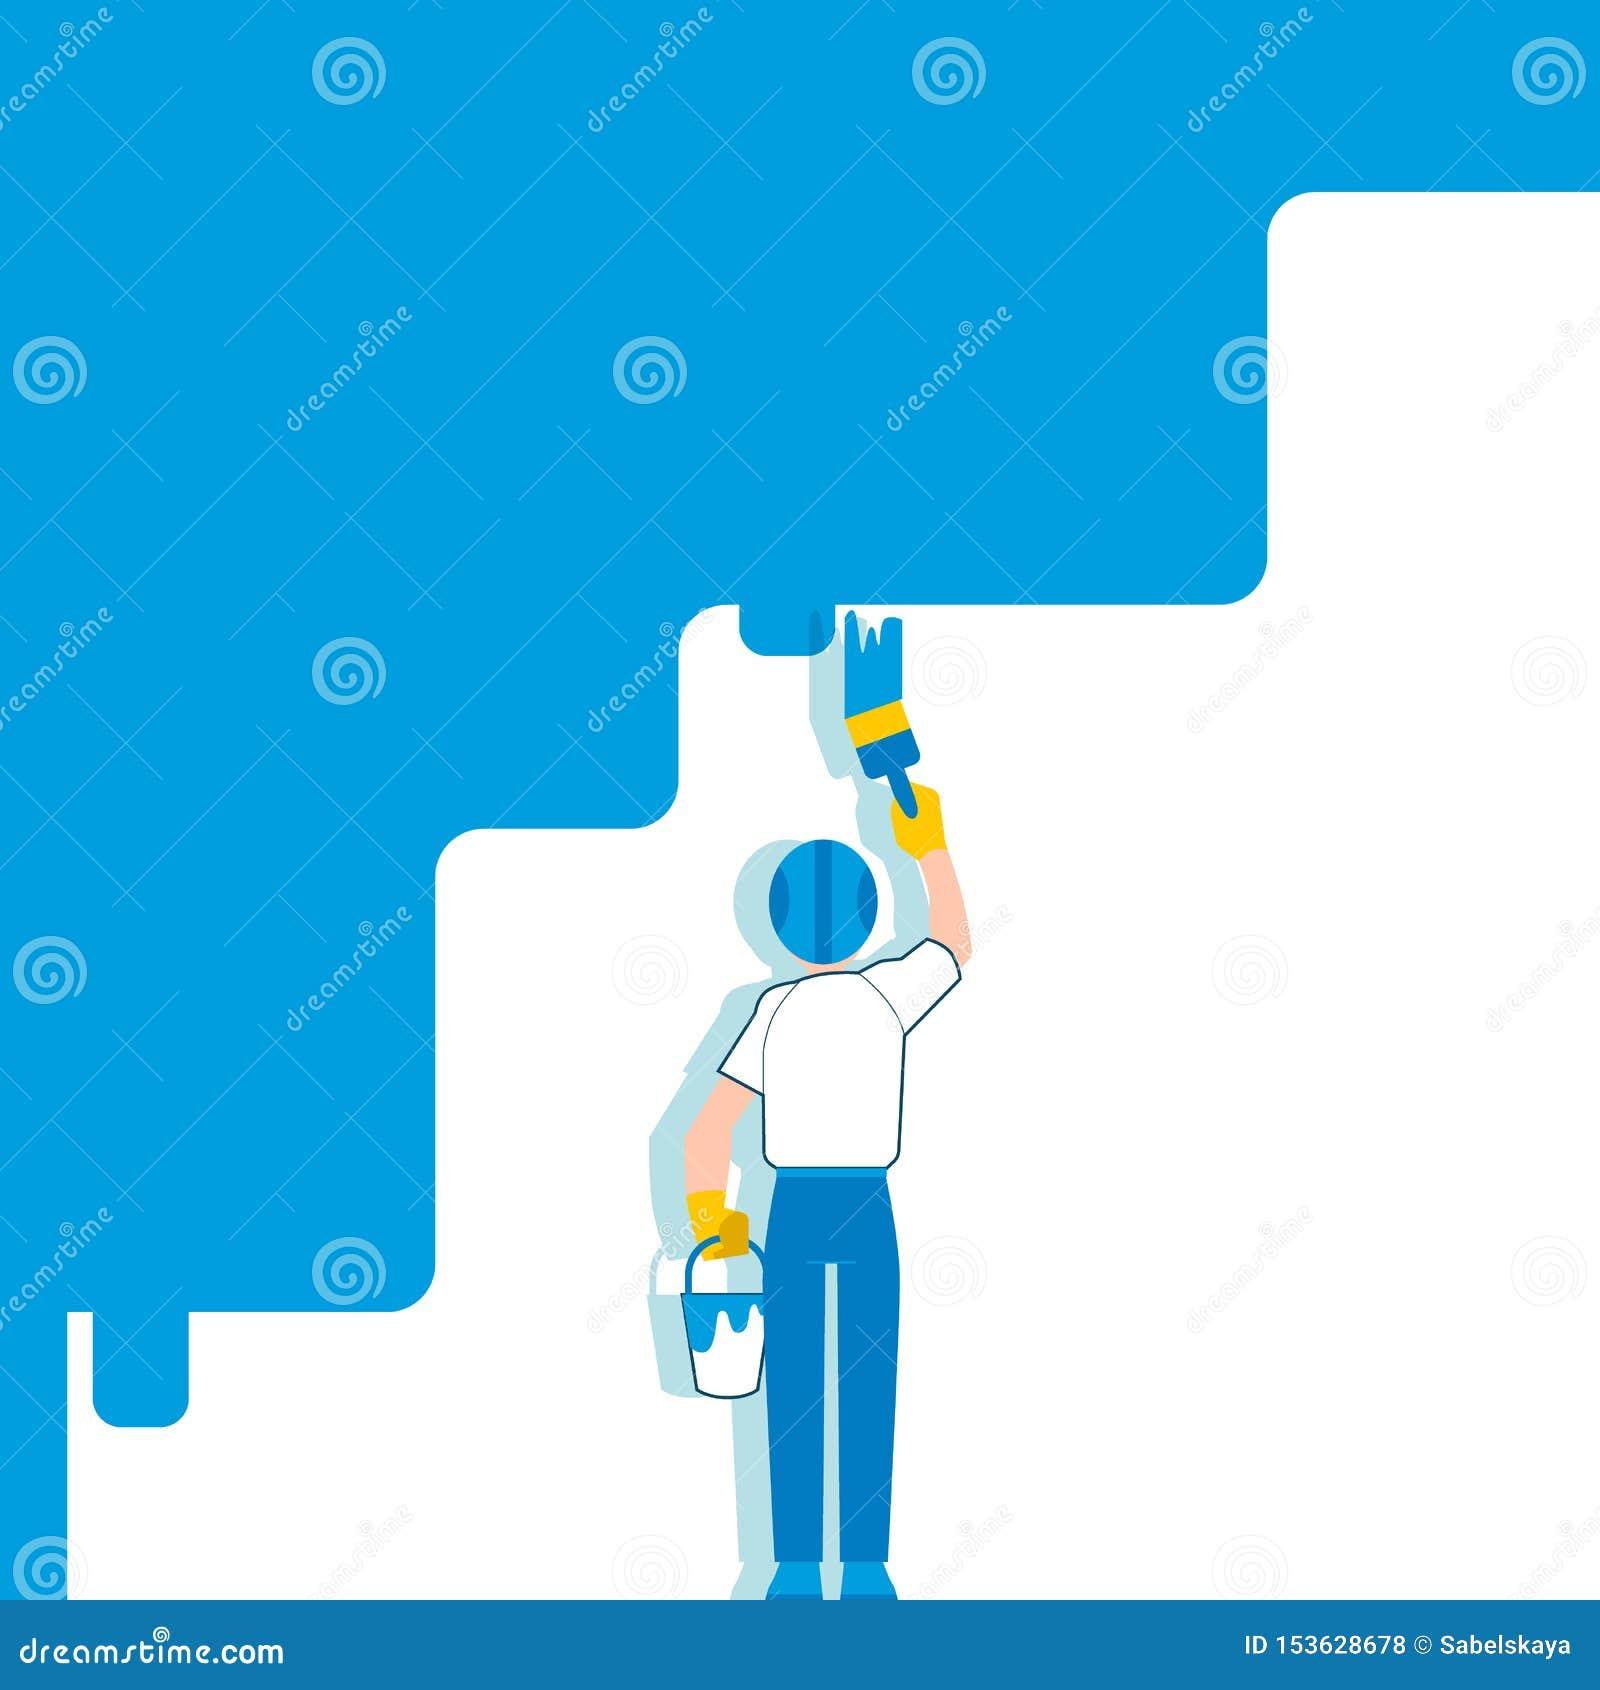 Ένα άτομο και ένας ζωγράφος σε ένα κράνος χρωματίζουν έναν άσπρο τοίχο στο μπλε με μια βούρτσα